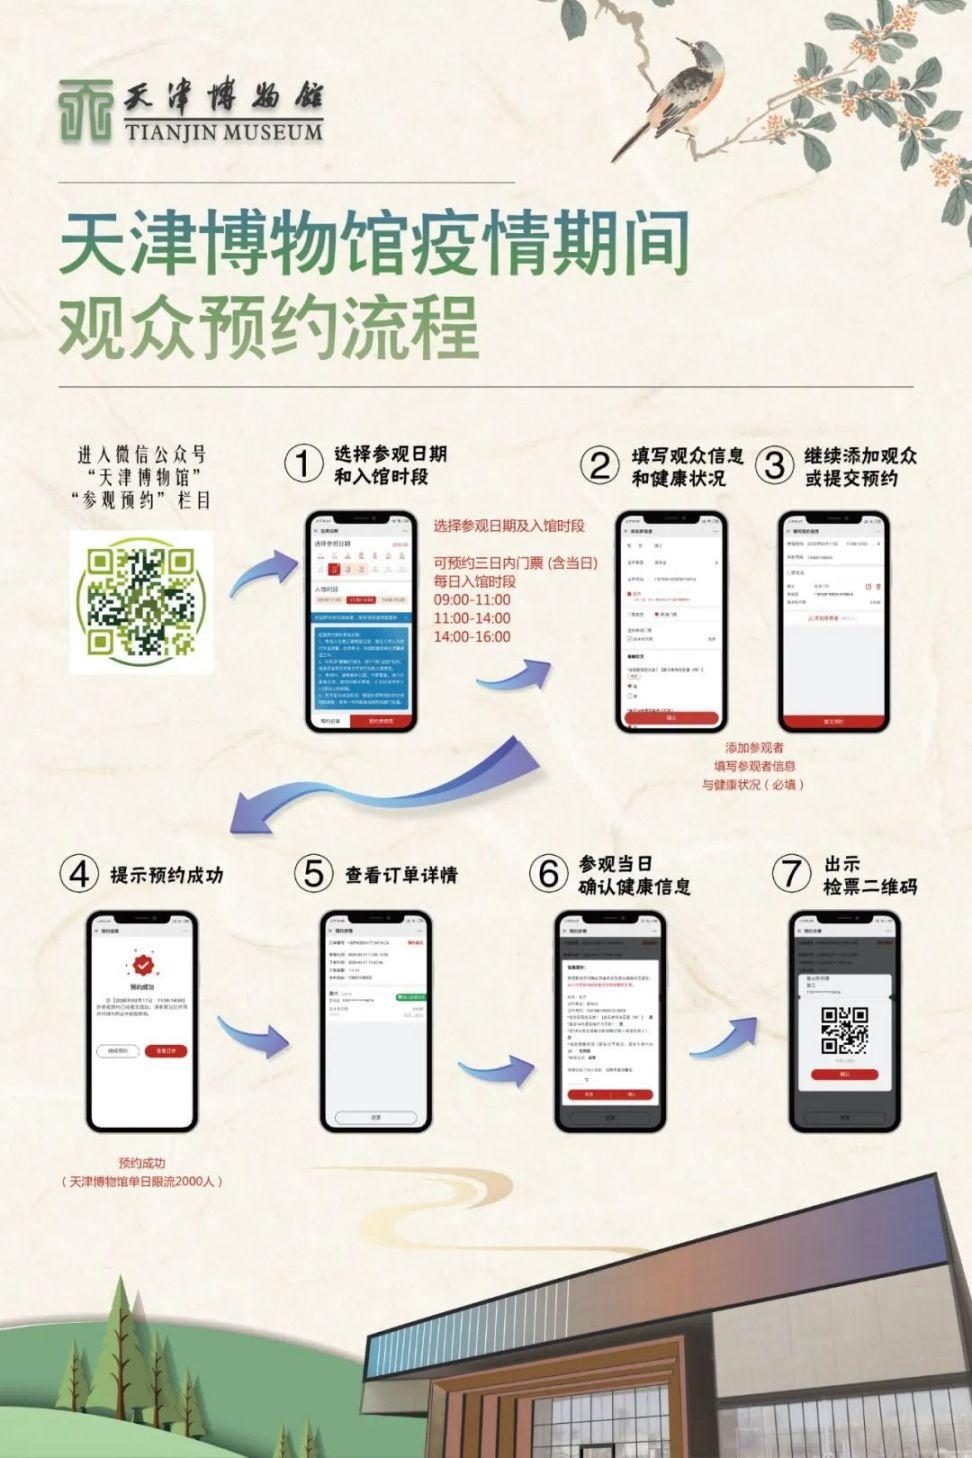 2020天津博物馆预约入口 预约流程